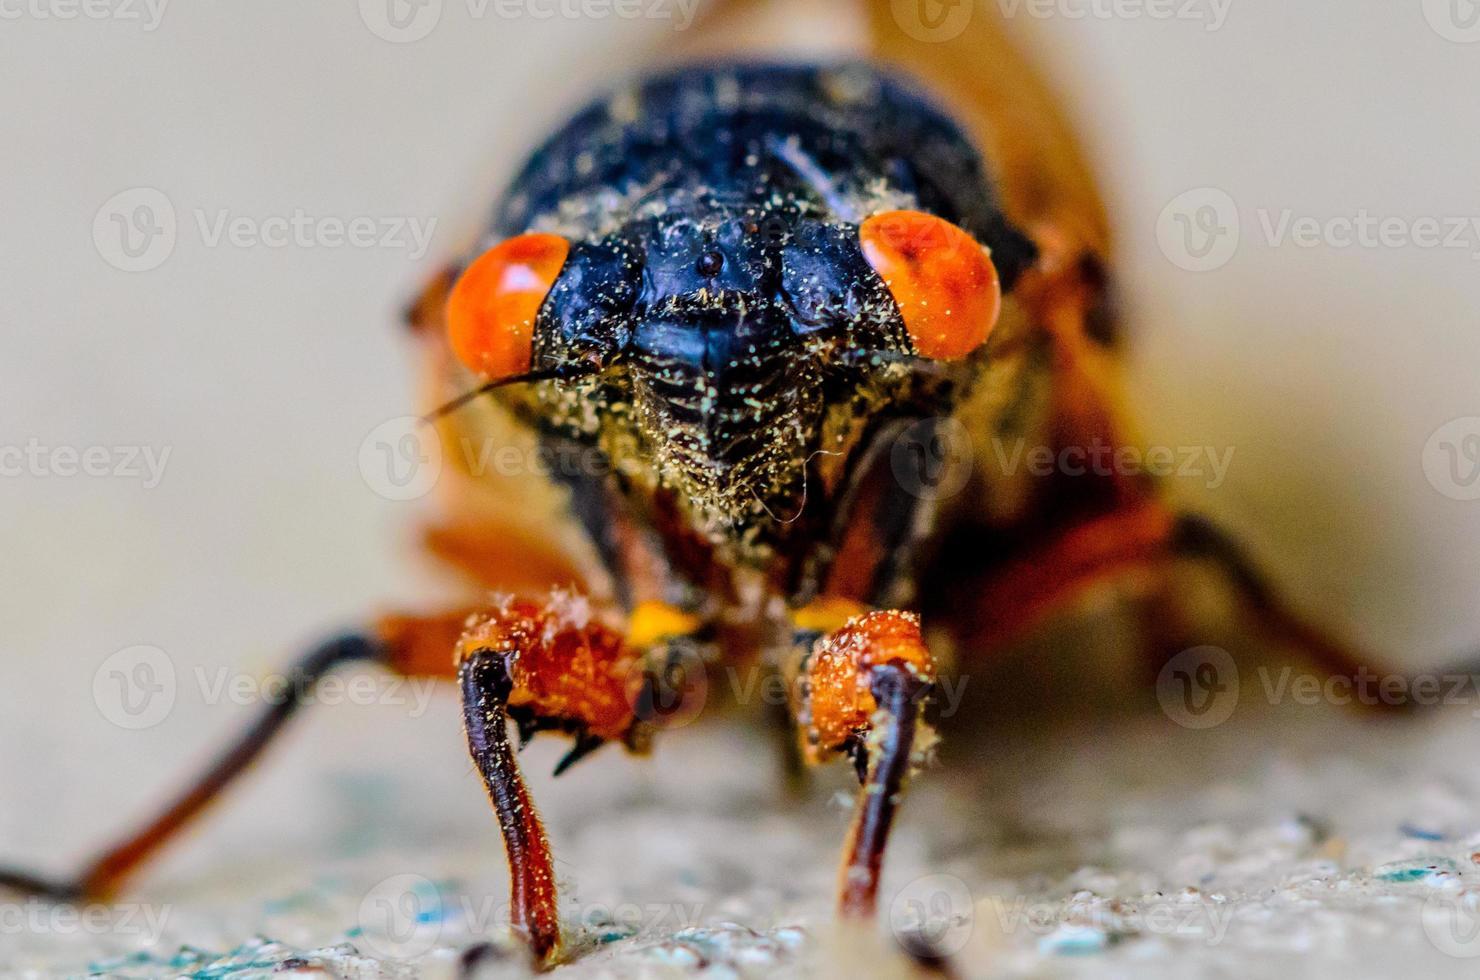 Nahaufnahme der Zikade foto